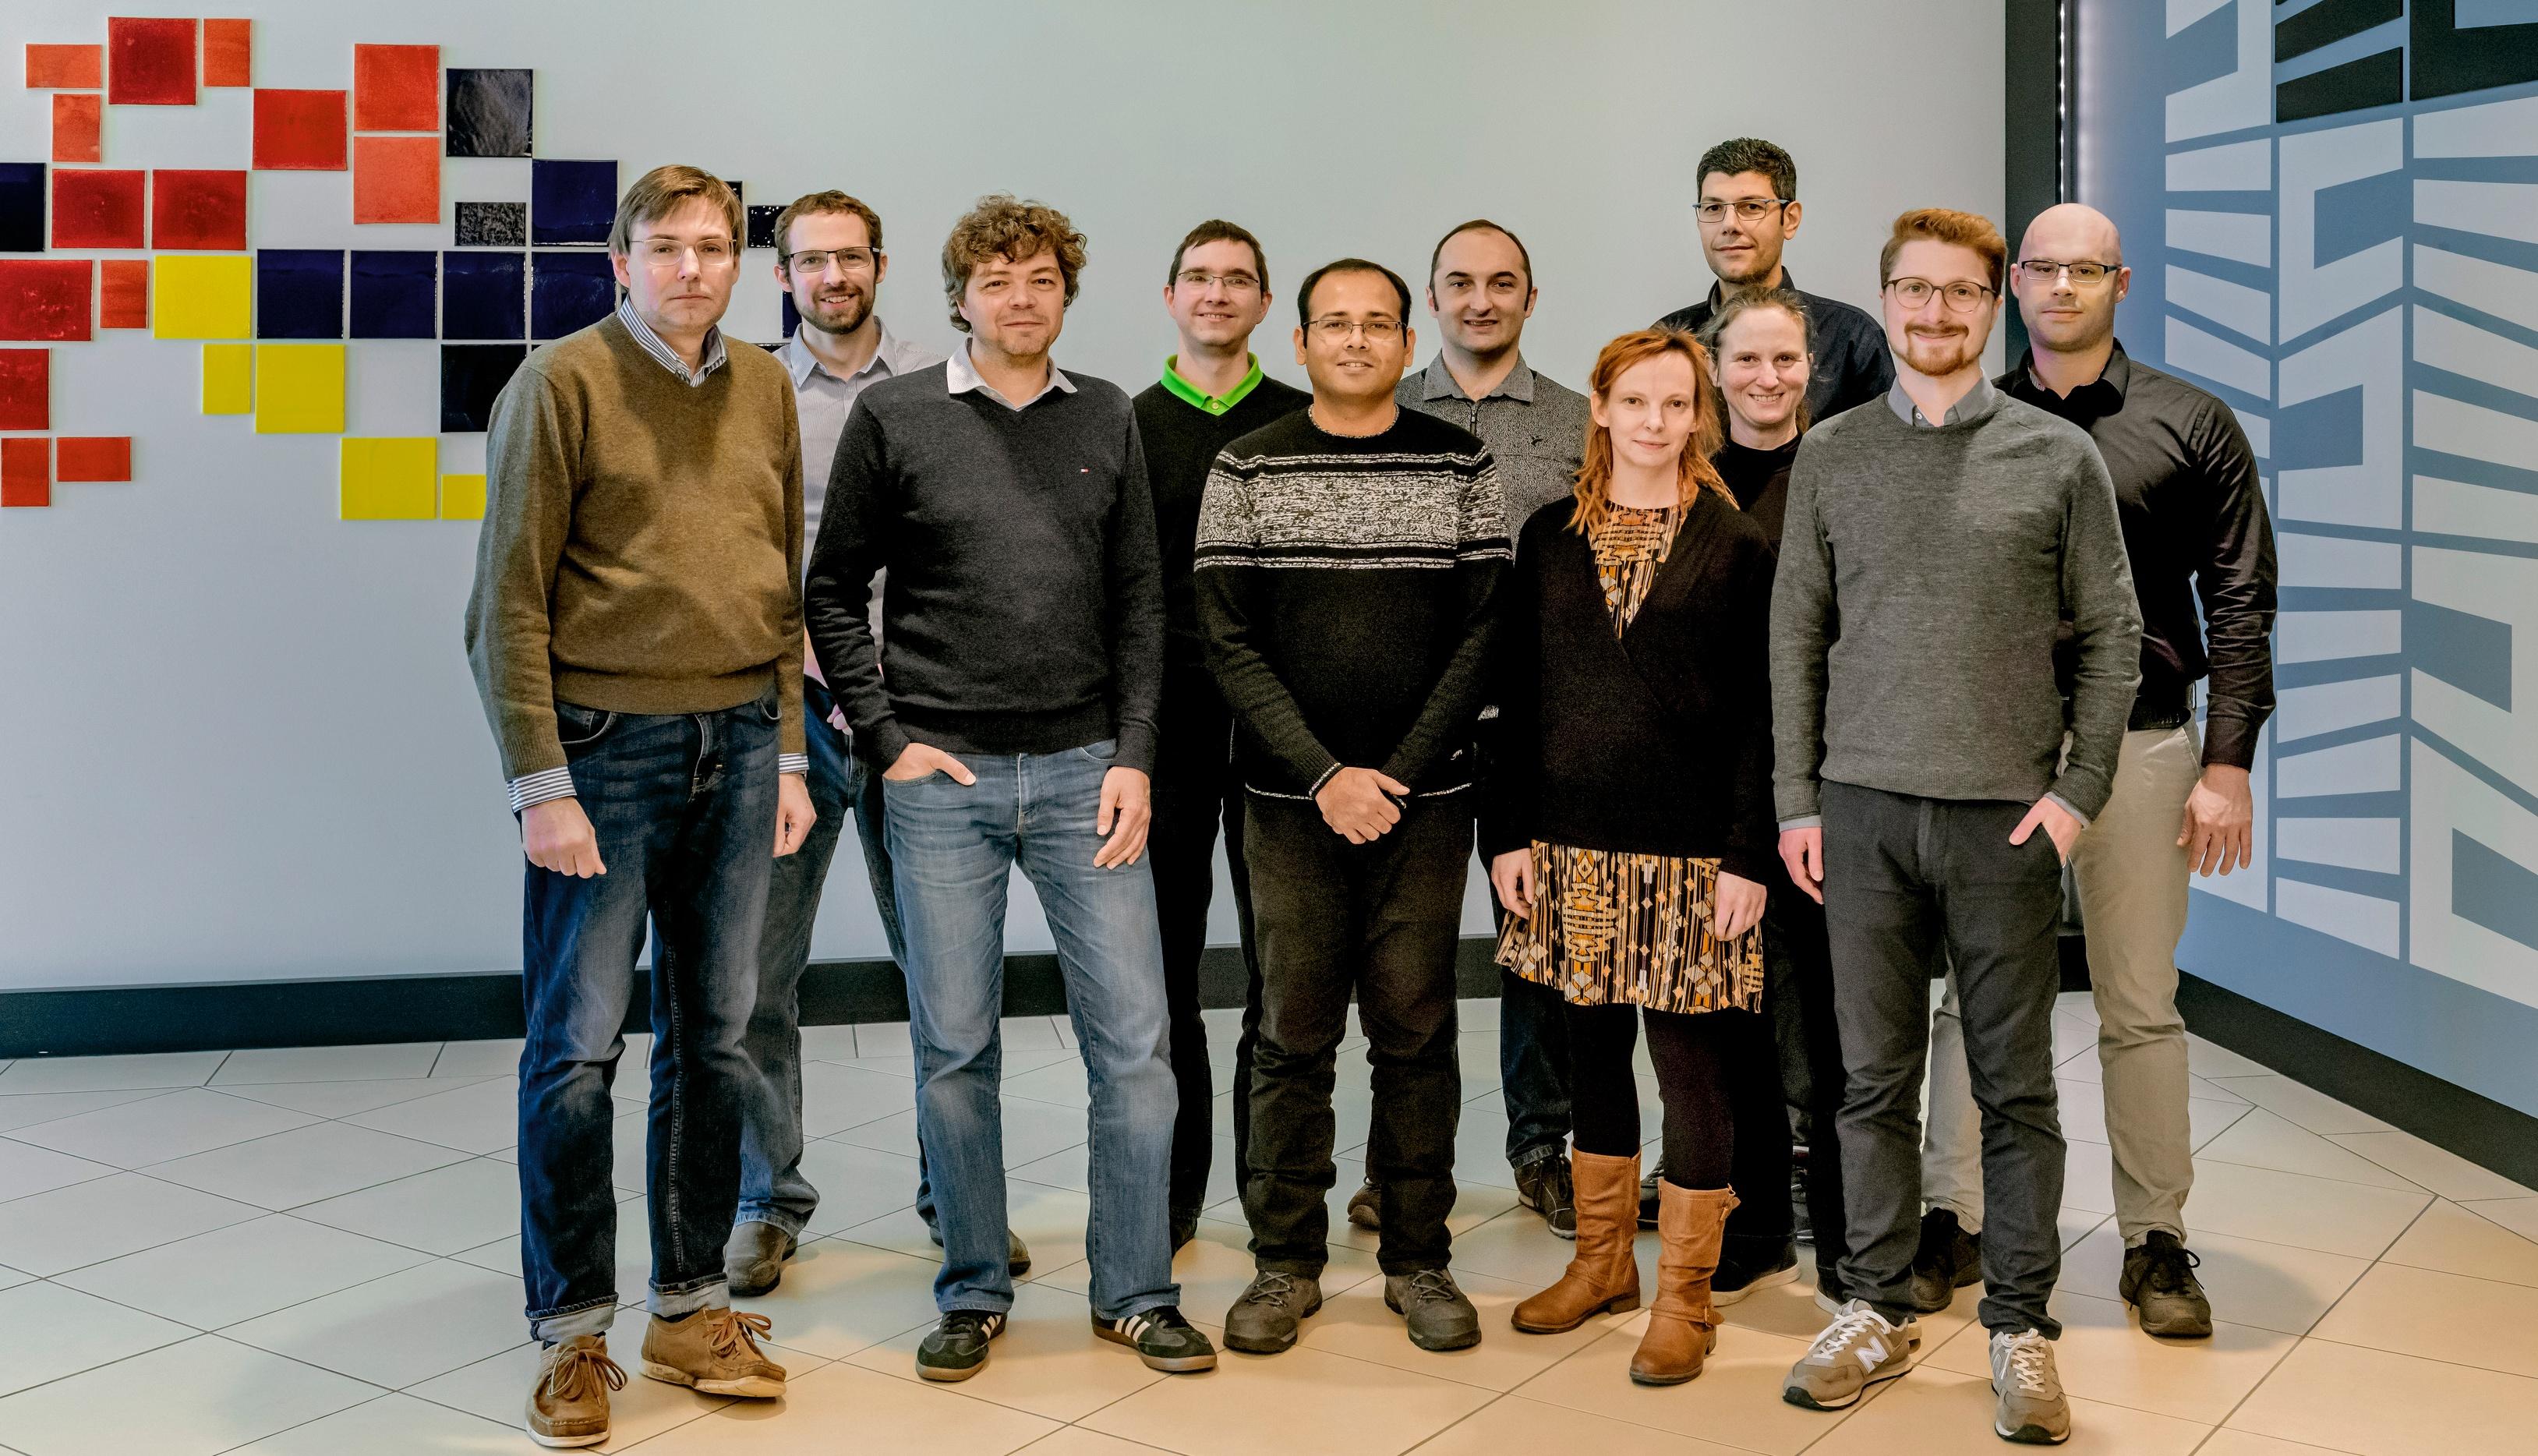 Gruppe von elf Personen, die in die Kamera schauen